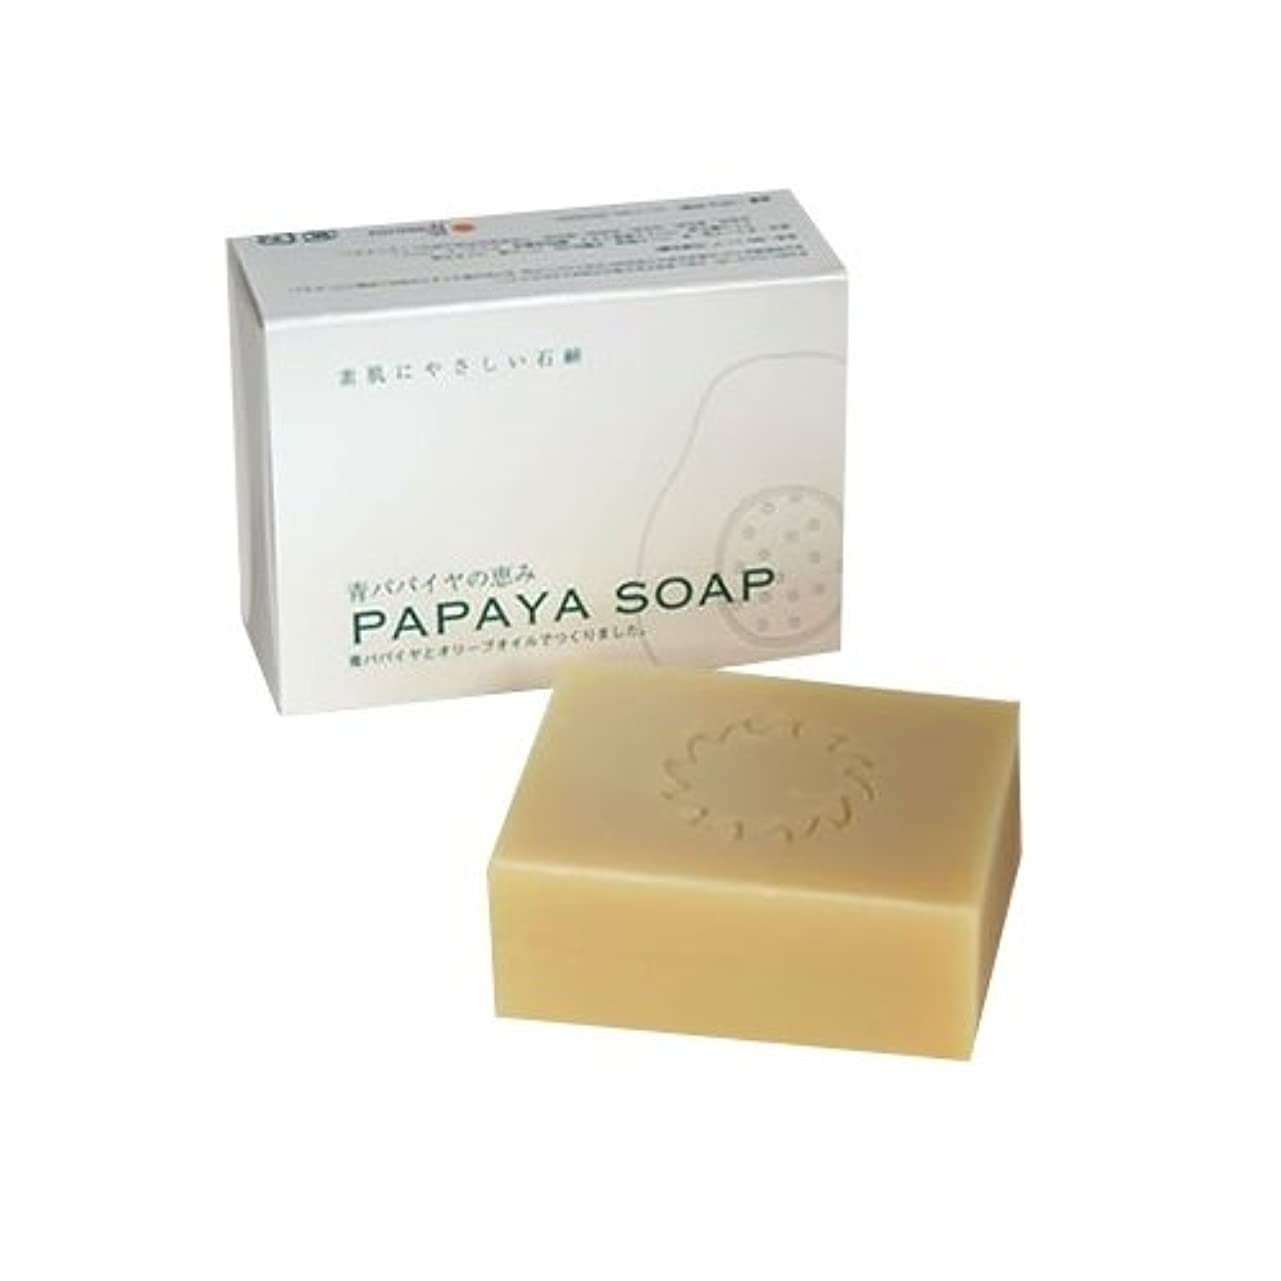 香水シンプルさ気をつけて青パパイヤの恵み PAPAYA SOAP(パパイヤソープ) 100g